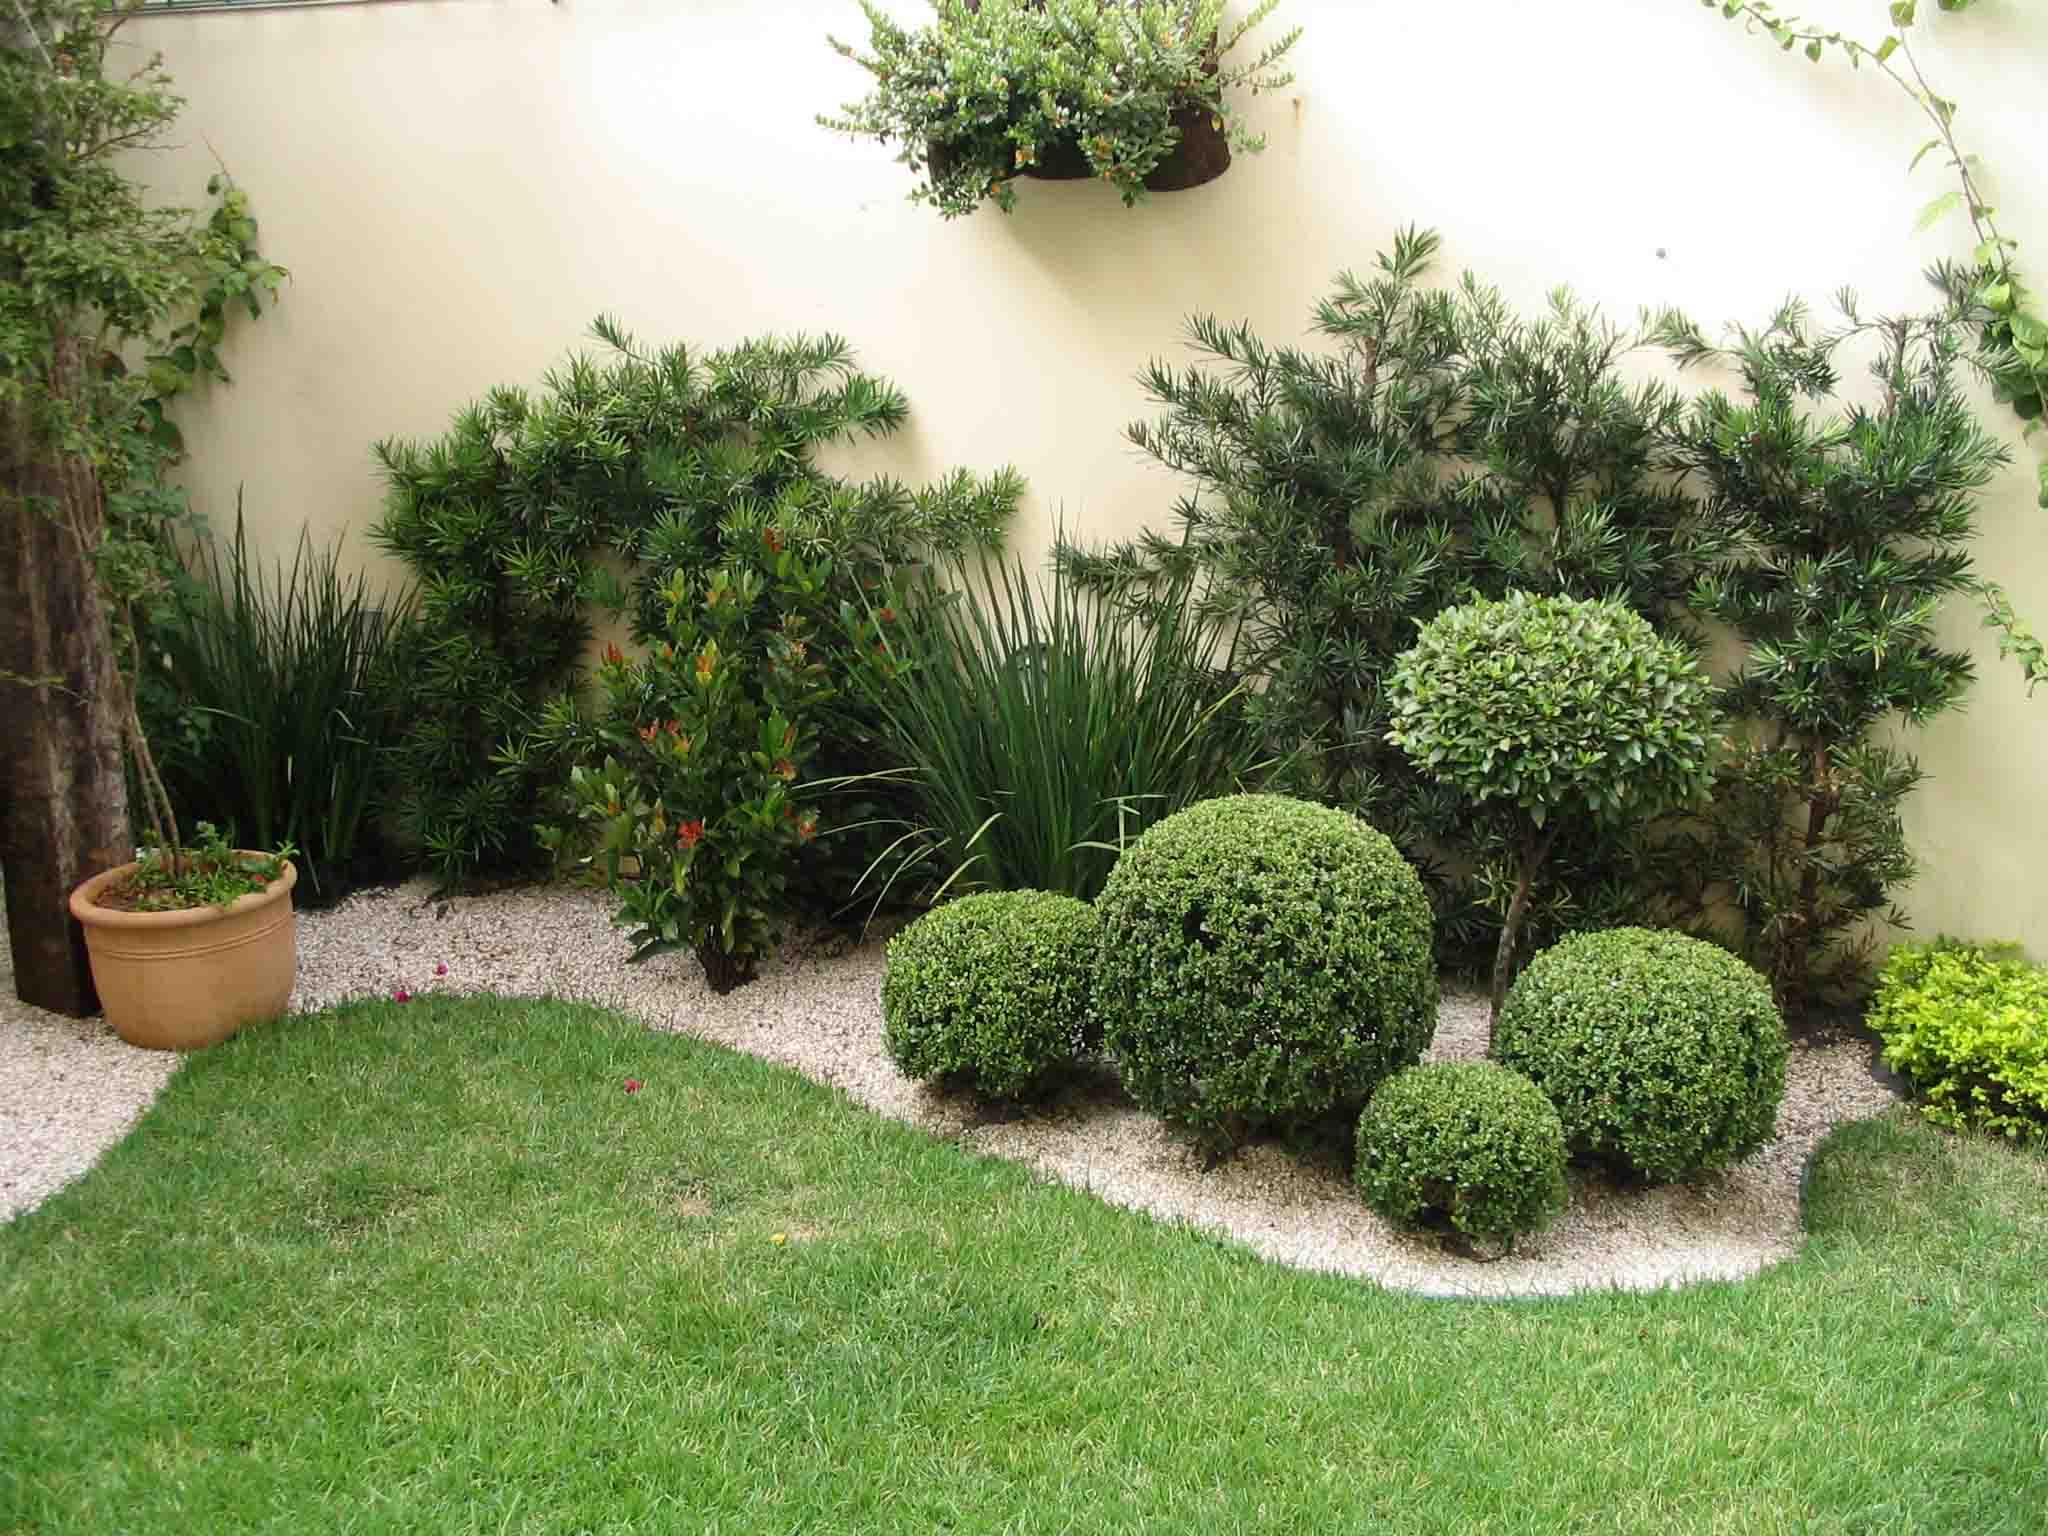 flores de jardim fotos:Decoracao De Jardim Pequeno